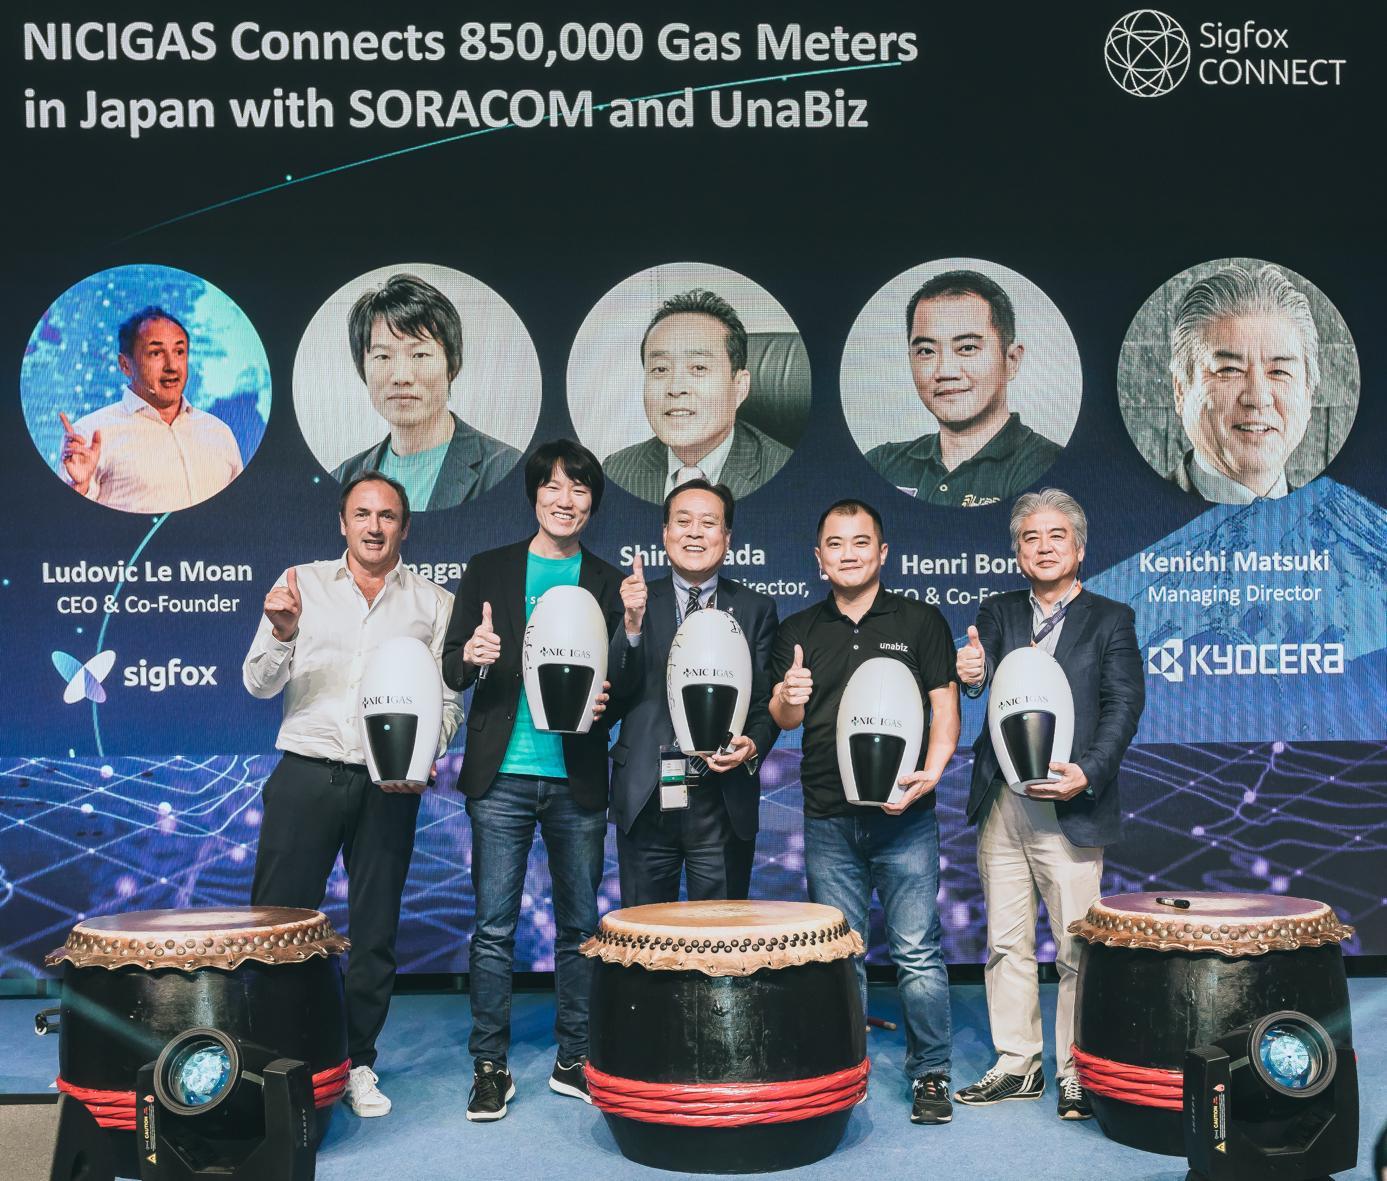 @Sigfox: #NICIGAS conecta 850,000 medidores de gas en Japón con #Soracom y #UnaBiz